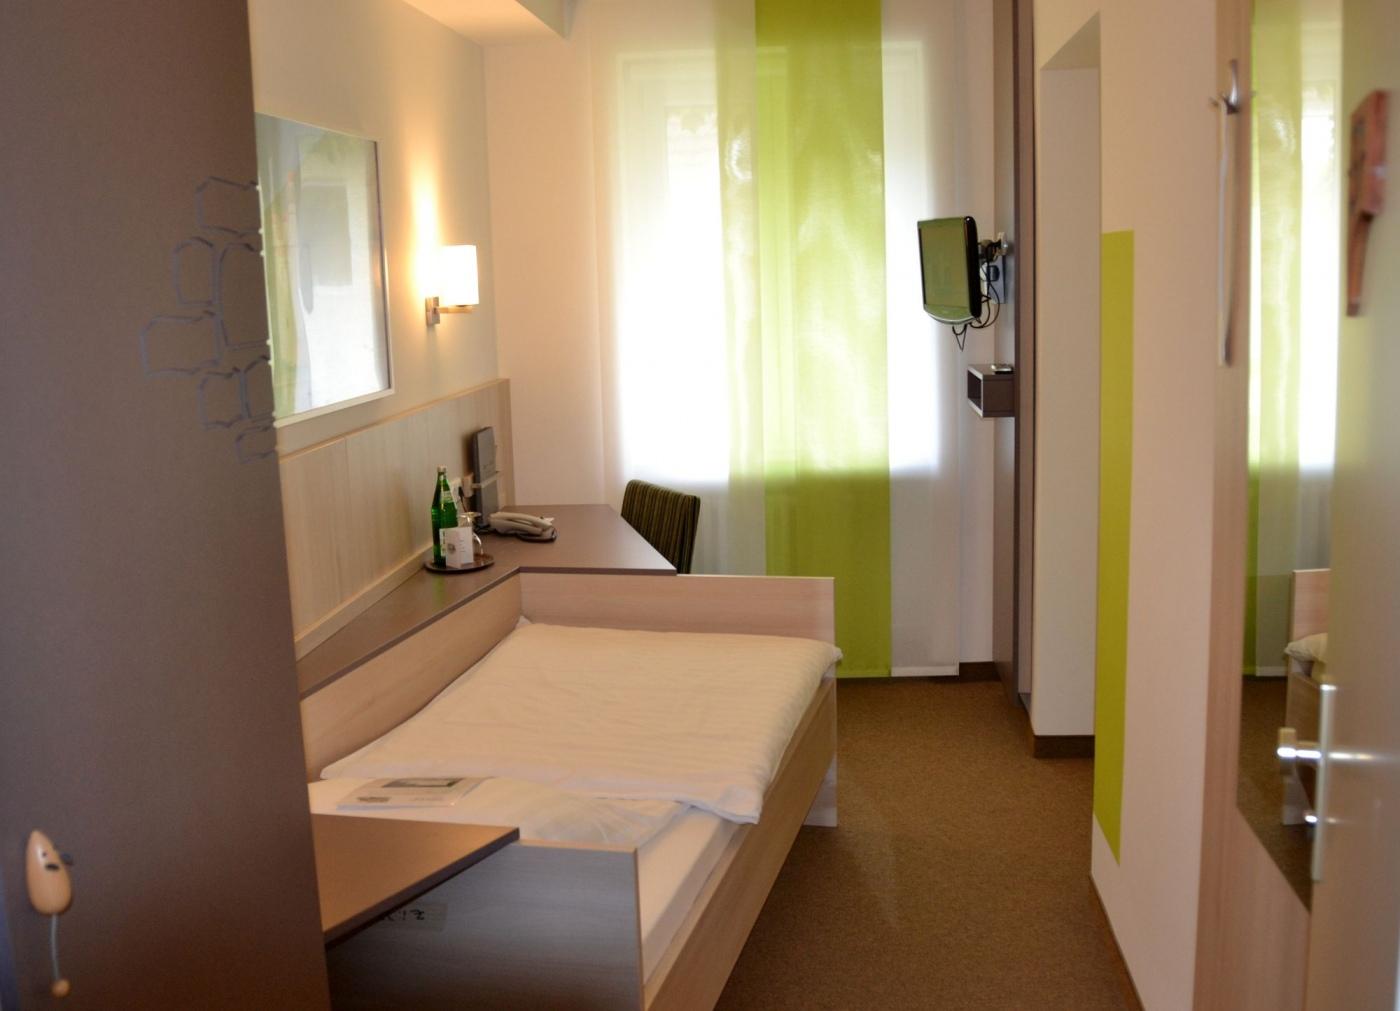 schlafen wohnen hotel zur m hle bad breisig. Black Bedroom Furniture Sets. Home Design Ideas